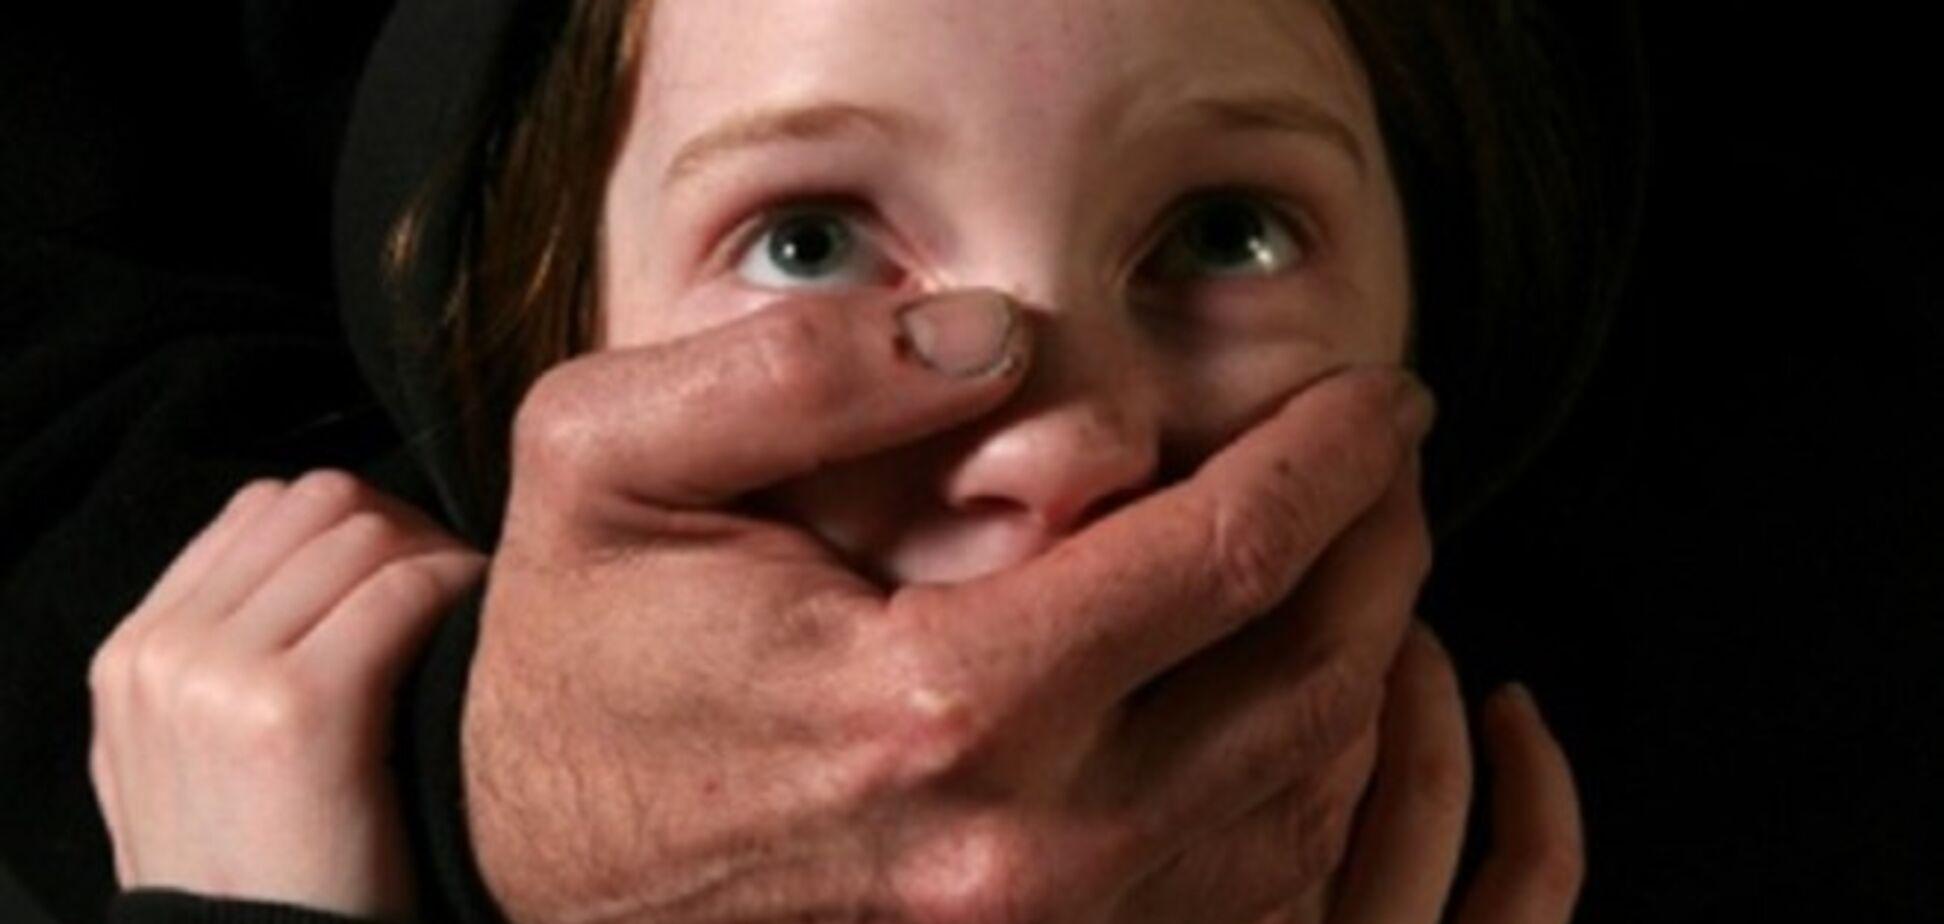 На очах у братика: в Рівному педофіл познущався над двома дівчатками